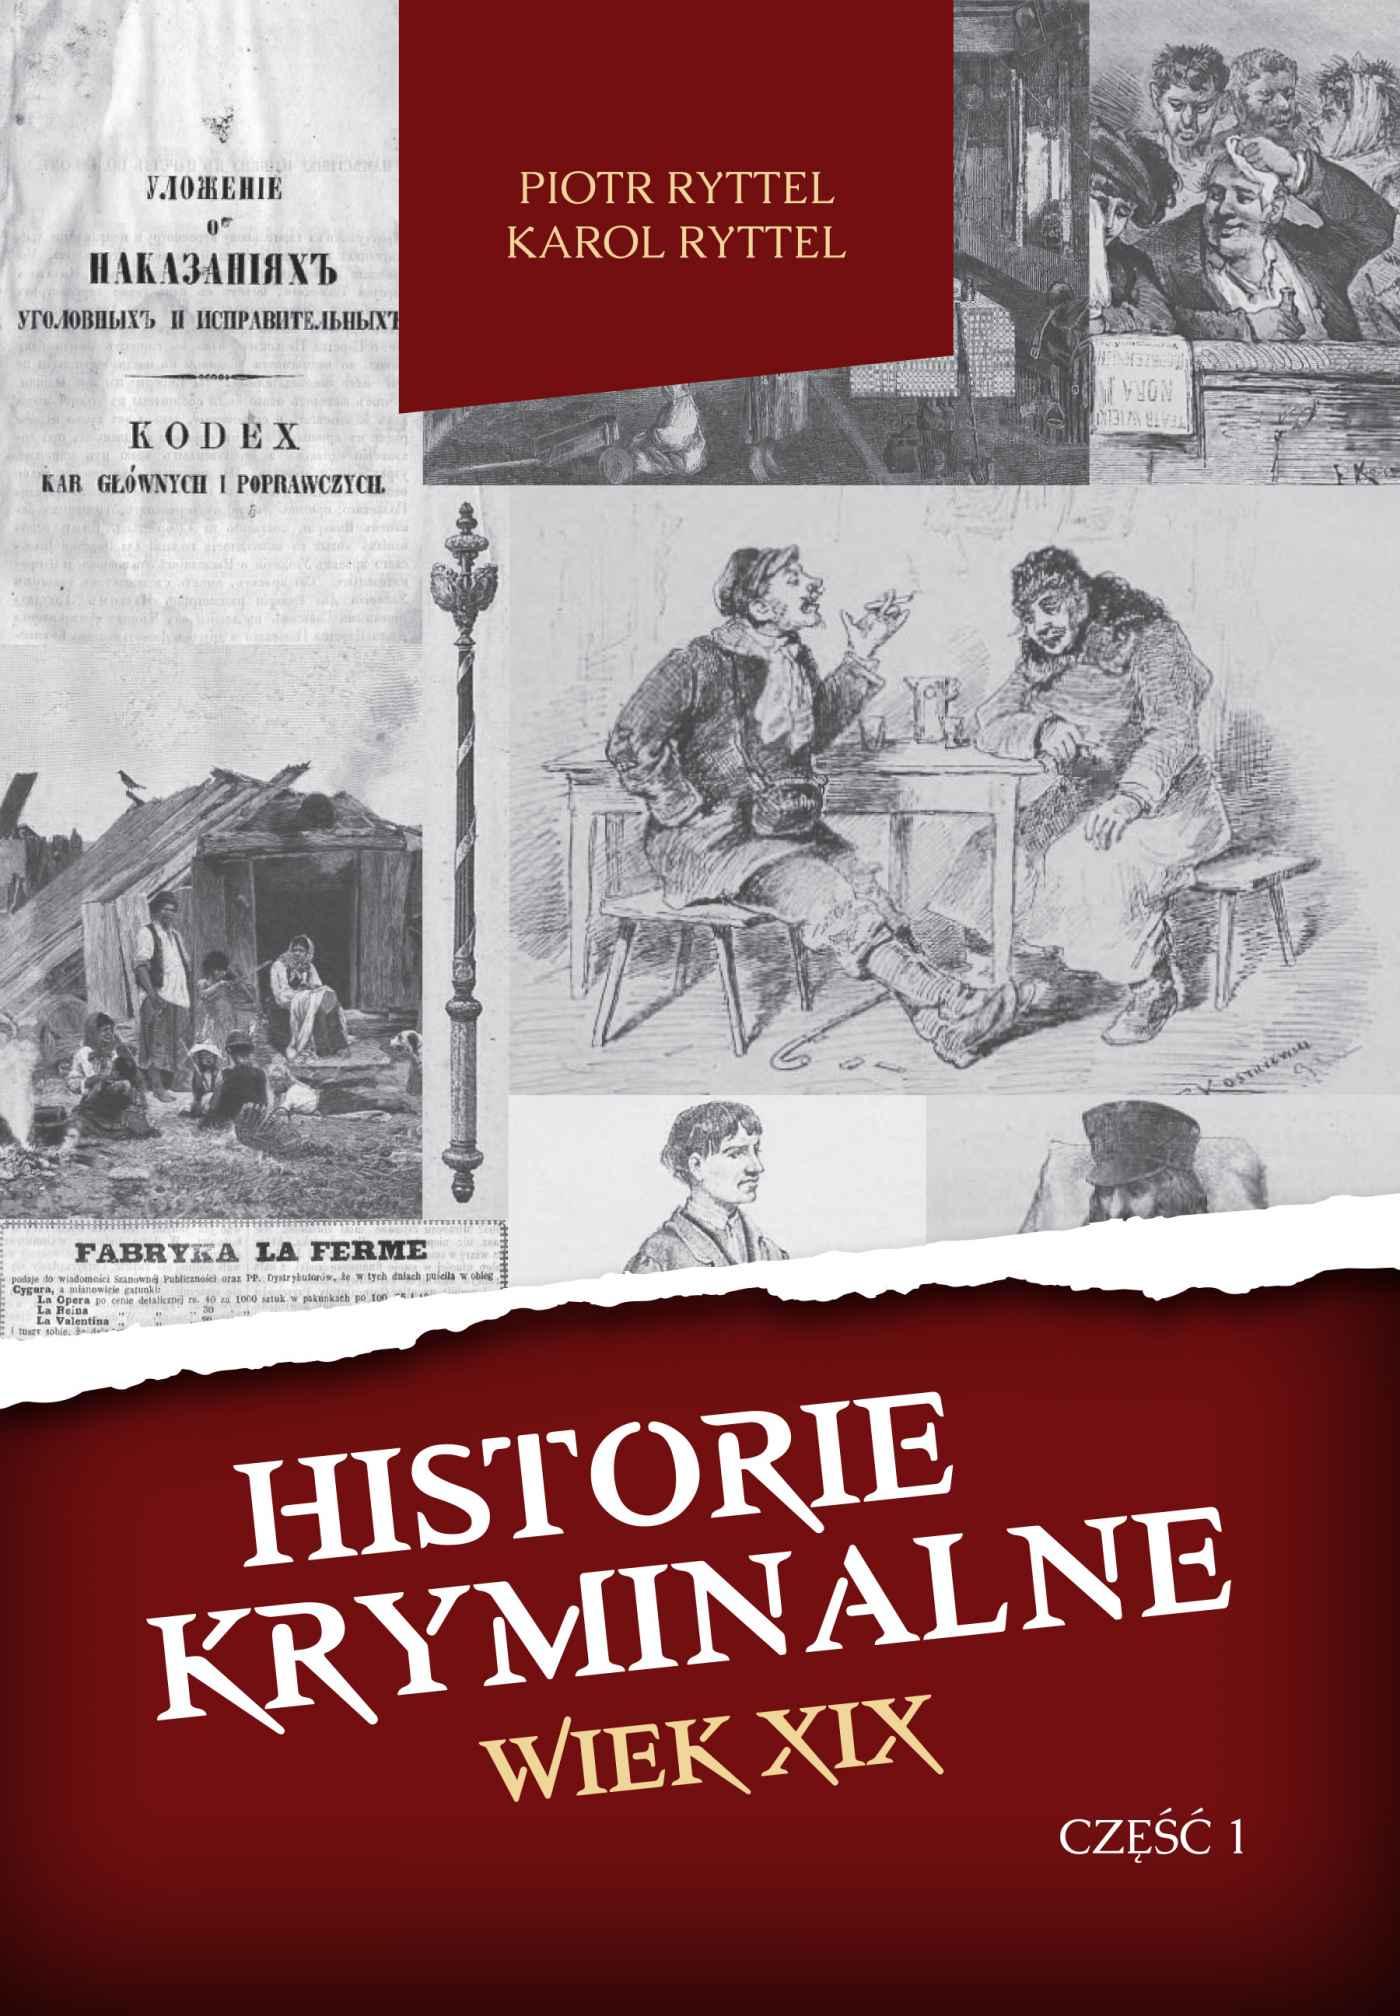 Historie kryminalne. Wiek XIX. Część 1 - Ebook (Książka na Kindle) do pobrania w formacie MOBI